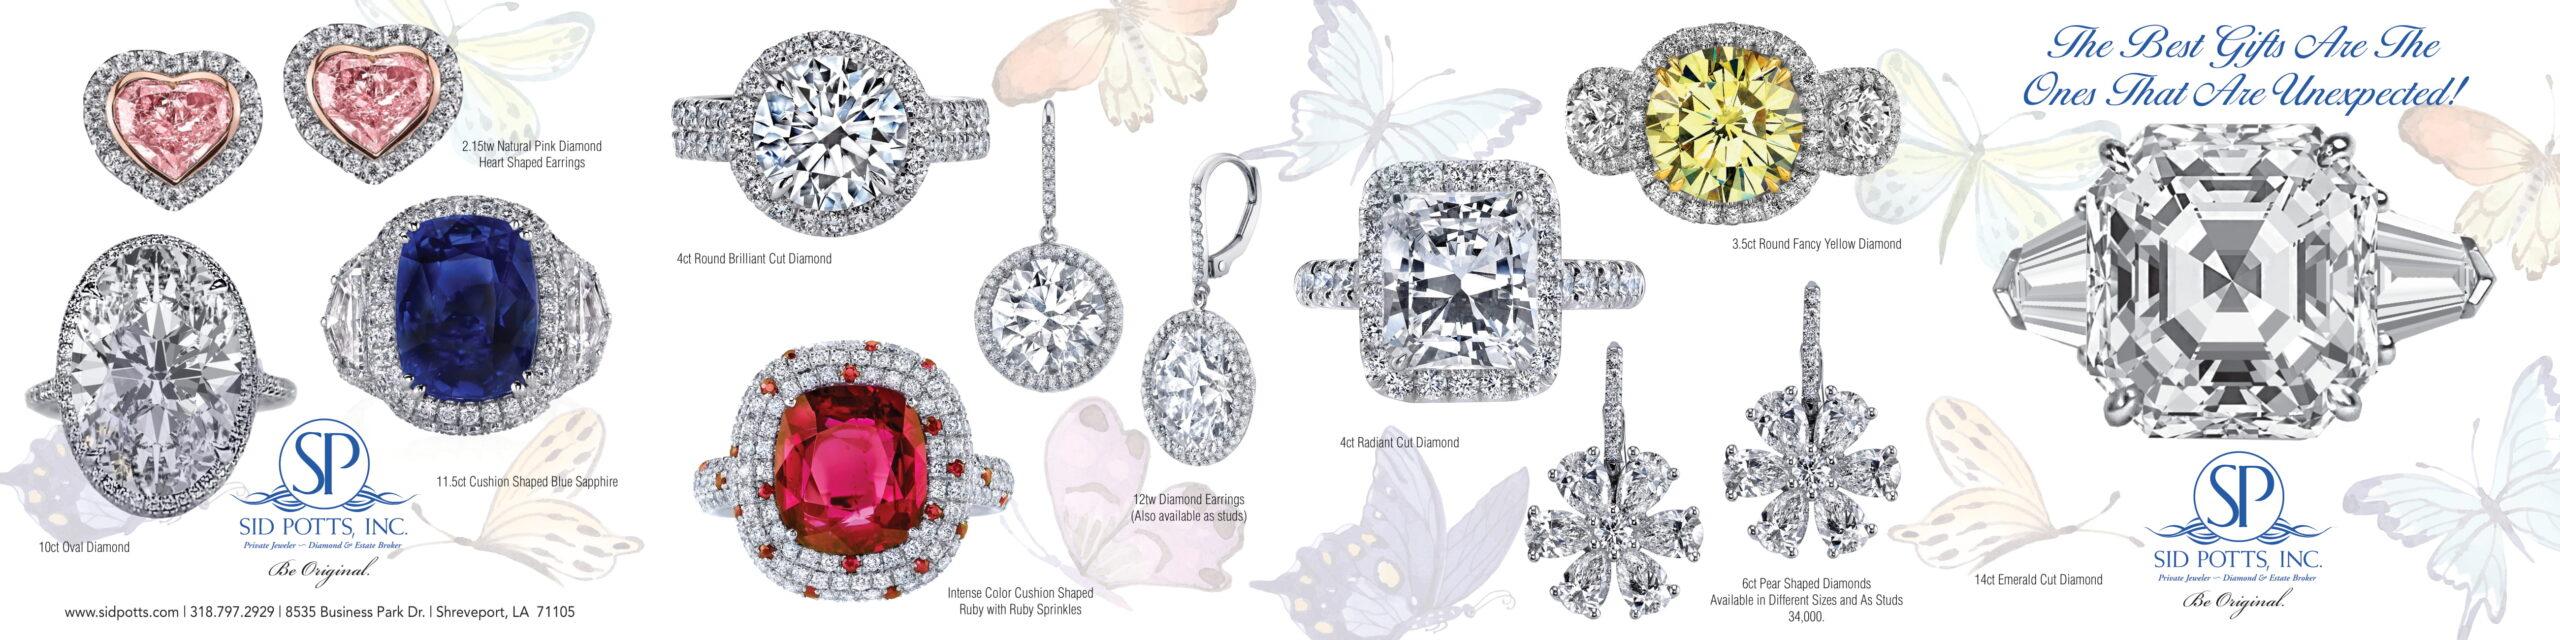 POTTS Spring Diamond Mailer Page 1